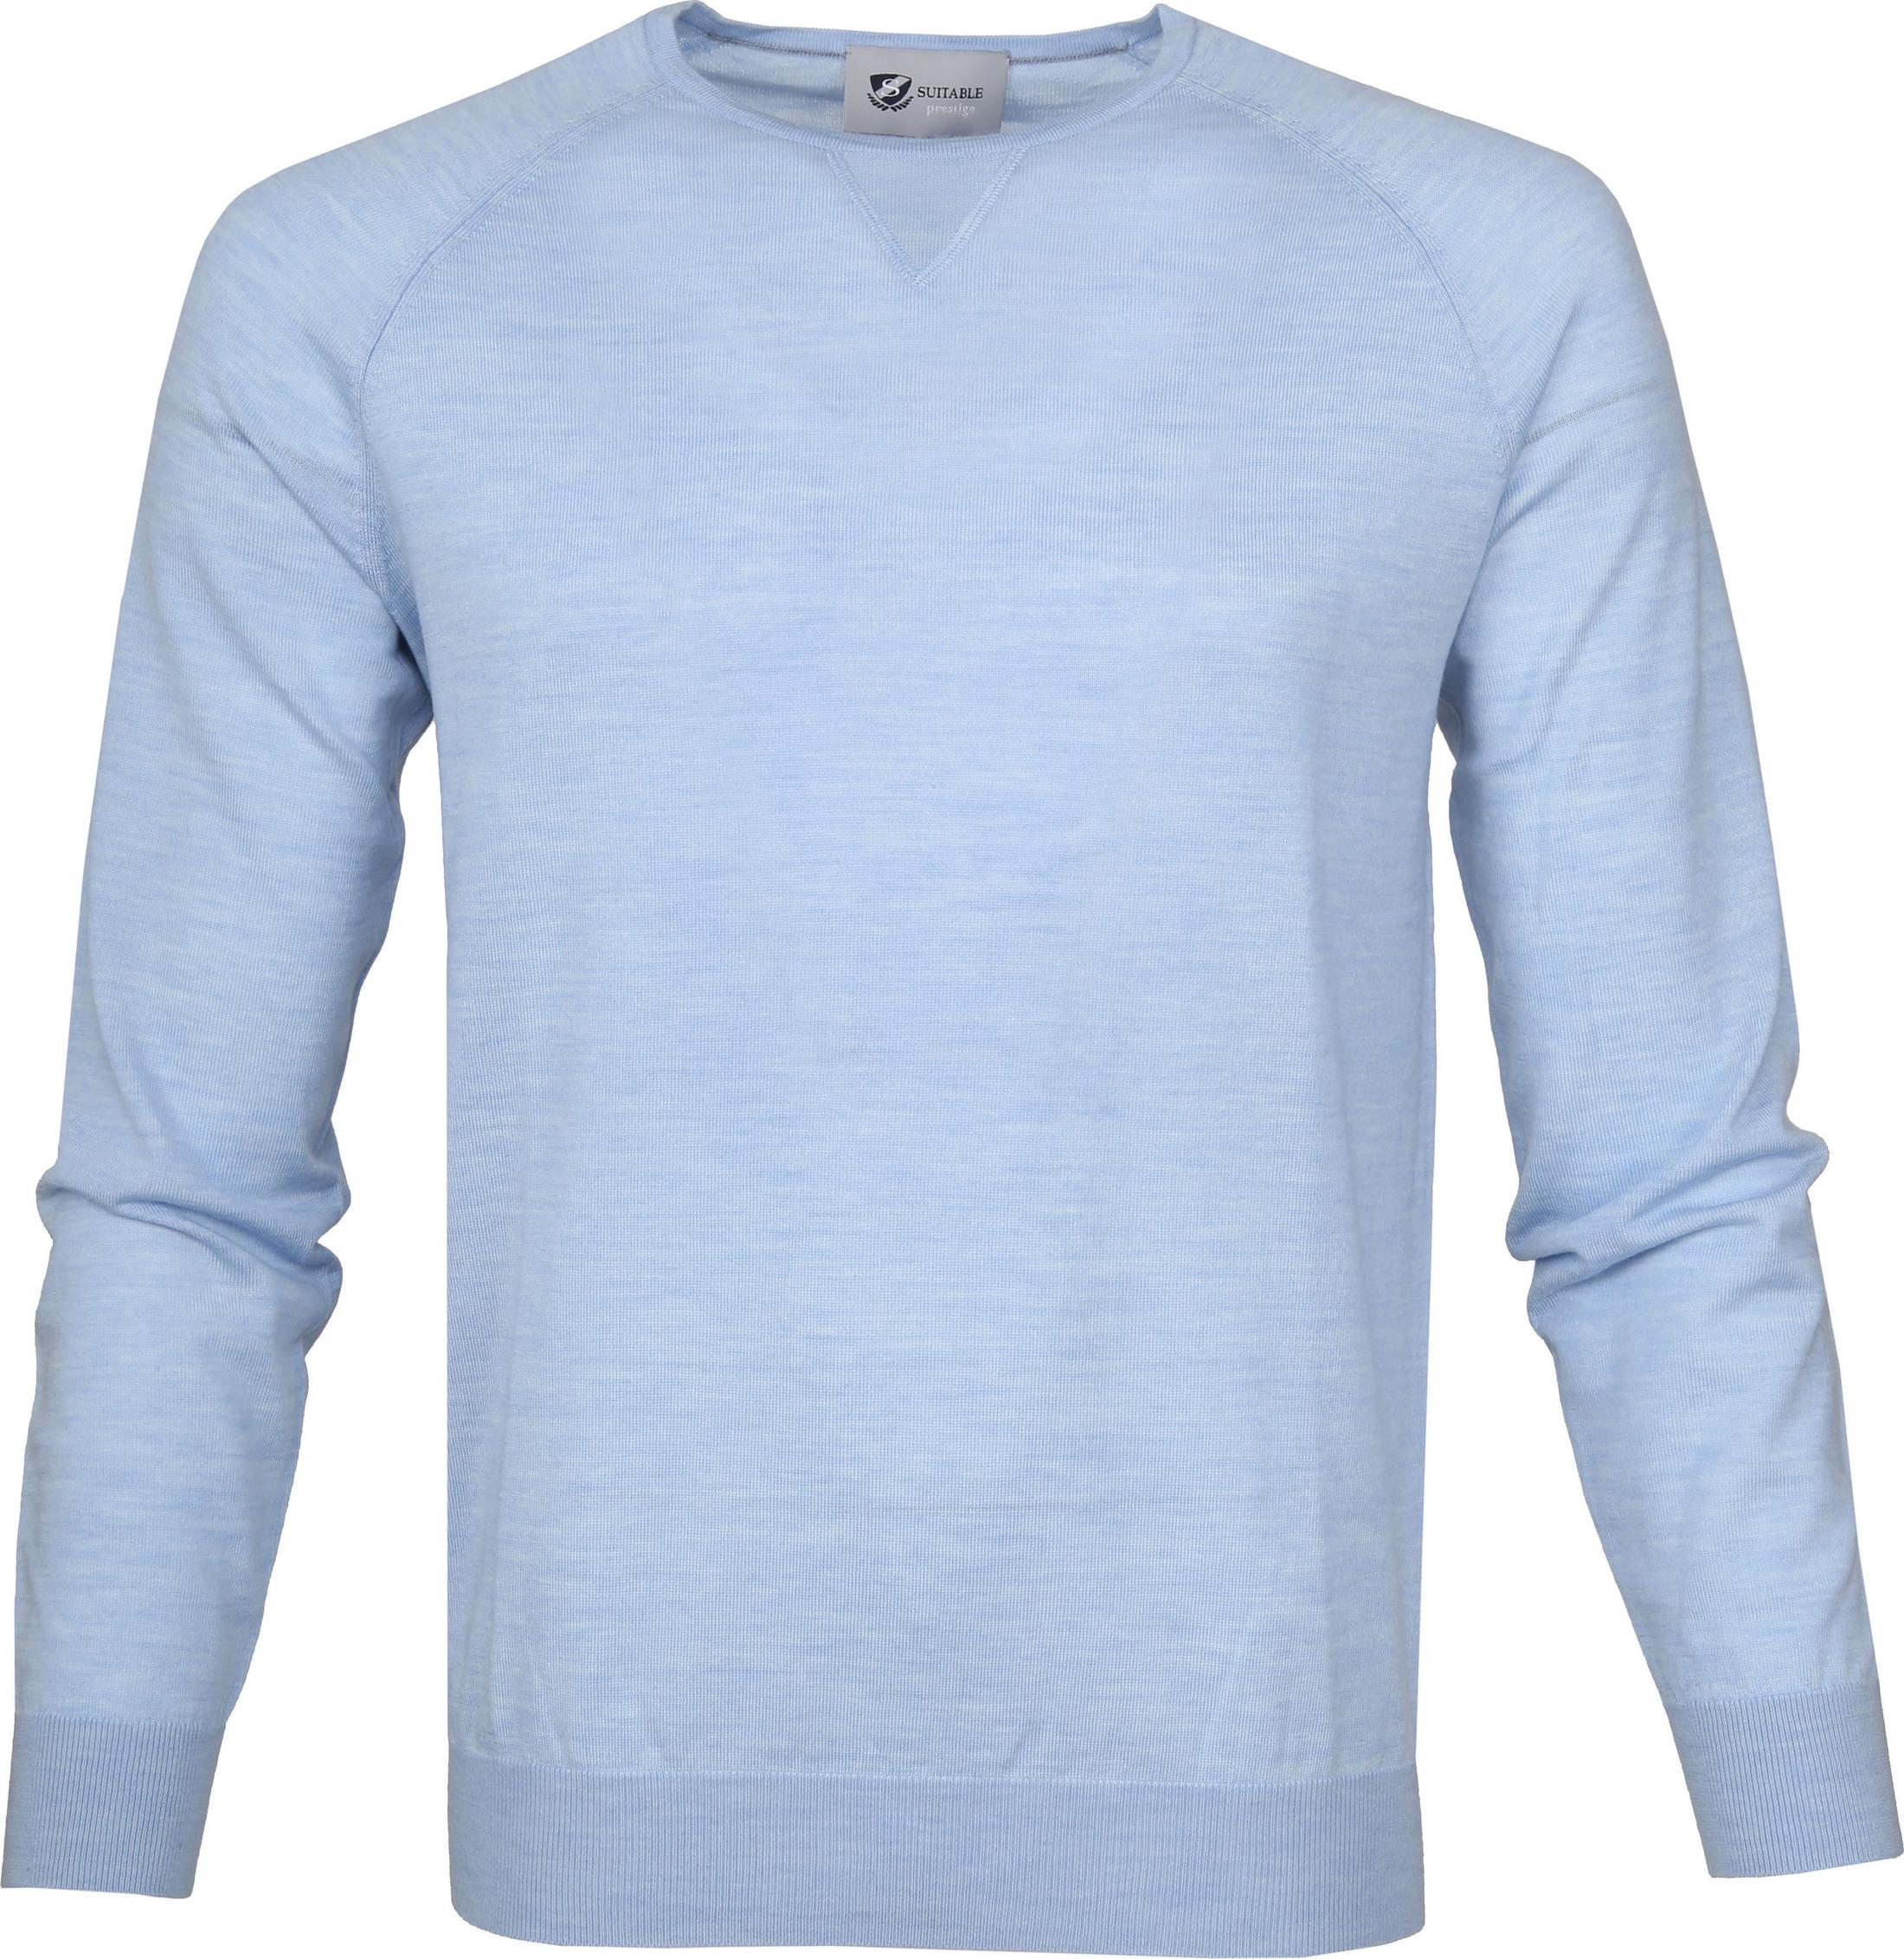 Suitable Pullover Prestige Merino Lichtblauw foto 0